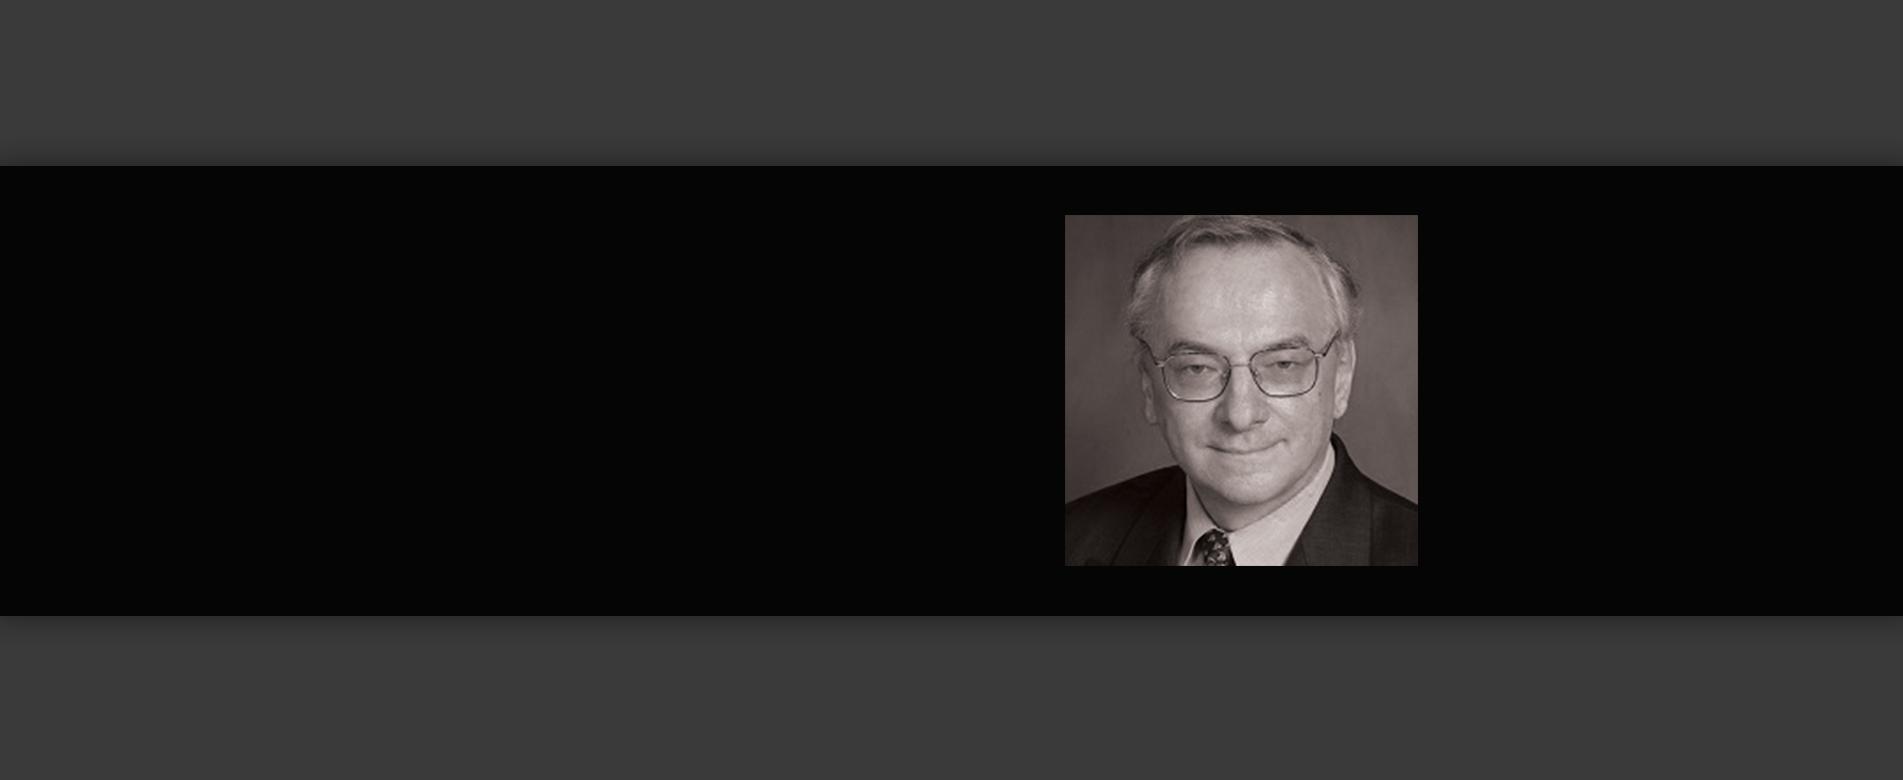 Elhunyt Prof. Dr. Gergely András, Egyetemünk professor emeritusa